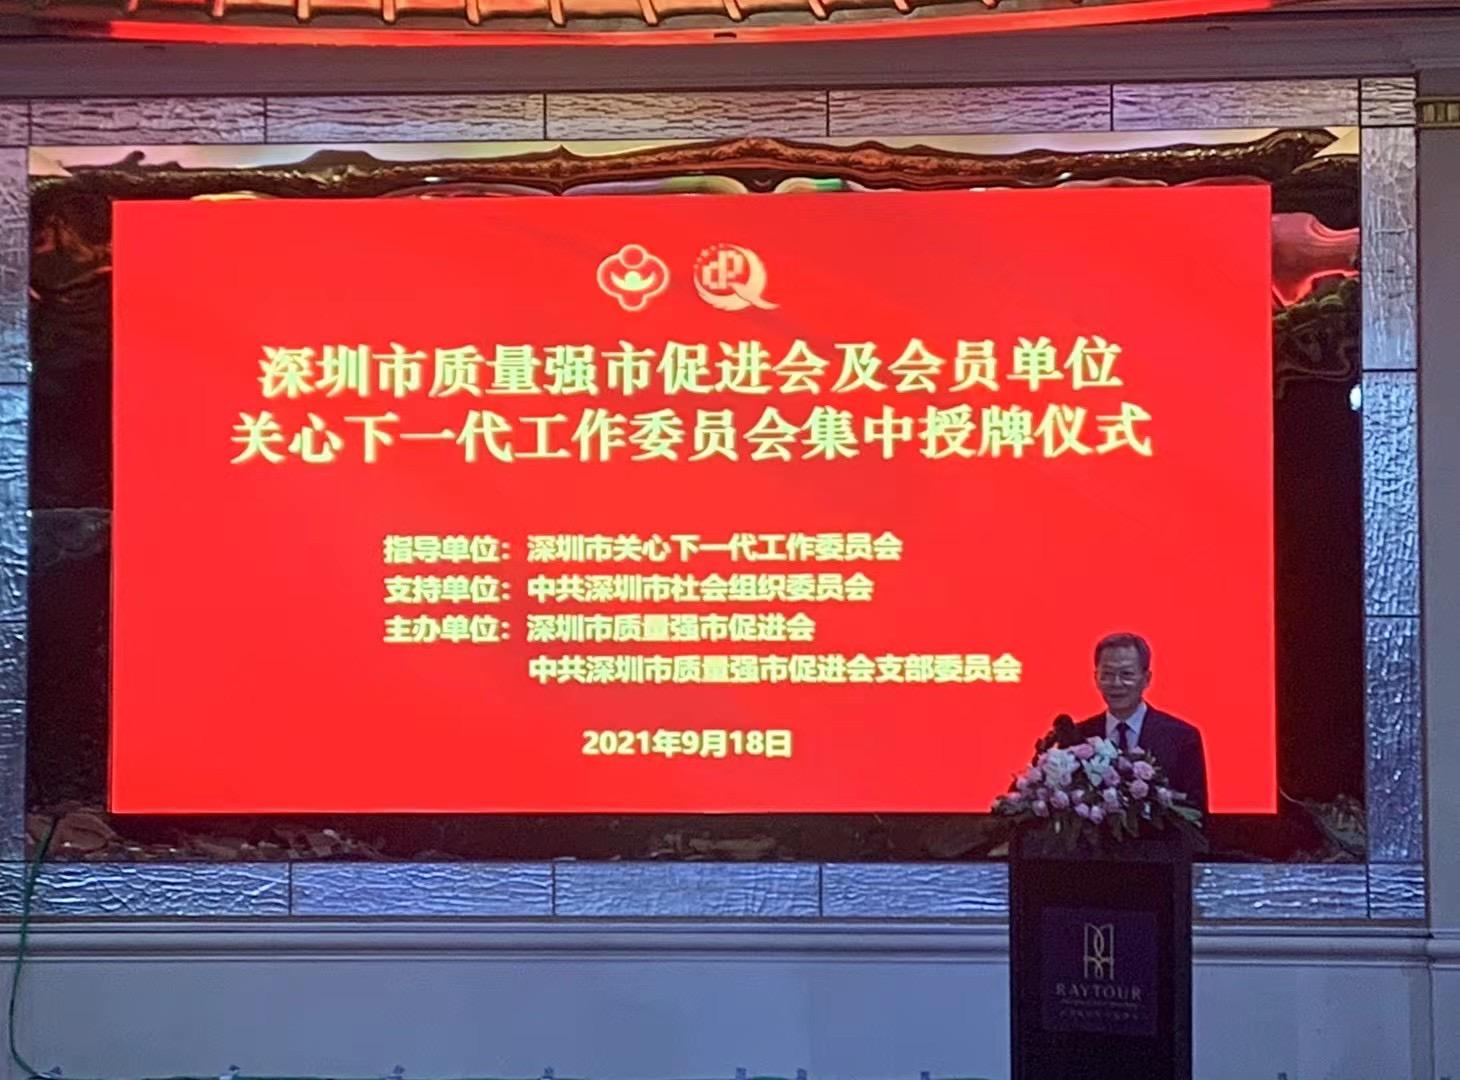 深圳市质量强市促进会倡议会员企业成立关工组织 21家单位关工组织集中授牌